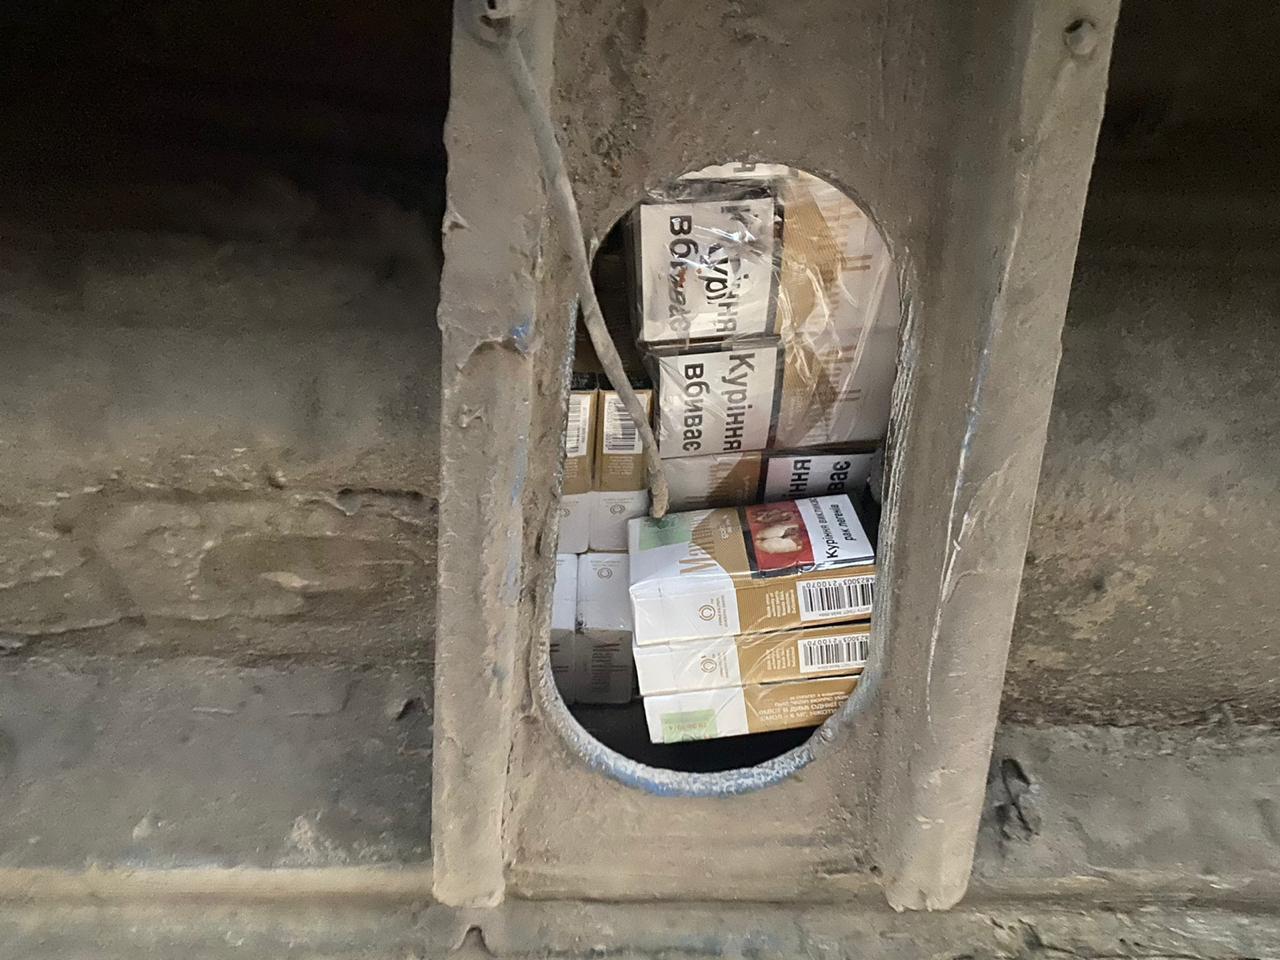 Чергову спробу тютюнової контрабанди попередили вчора прикордонники відділу «Дякове» спільно з військовослужбовцями спецпідрозділу «Дозор», які прибули нещодавно для посилення ділянки кордону.